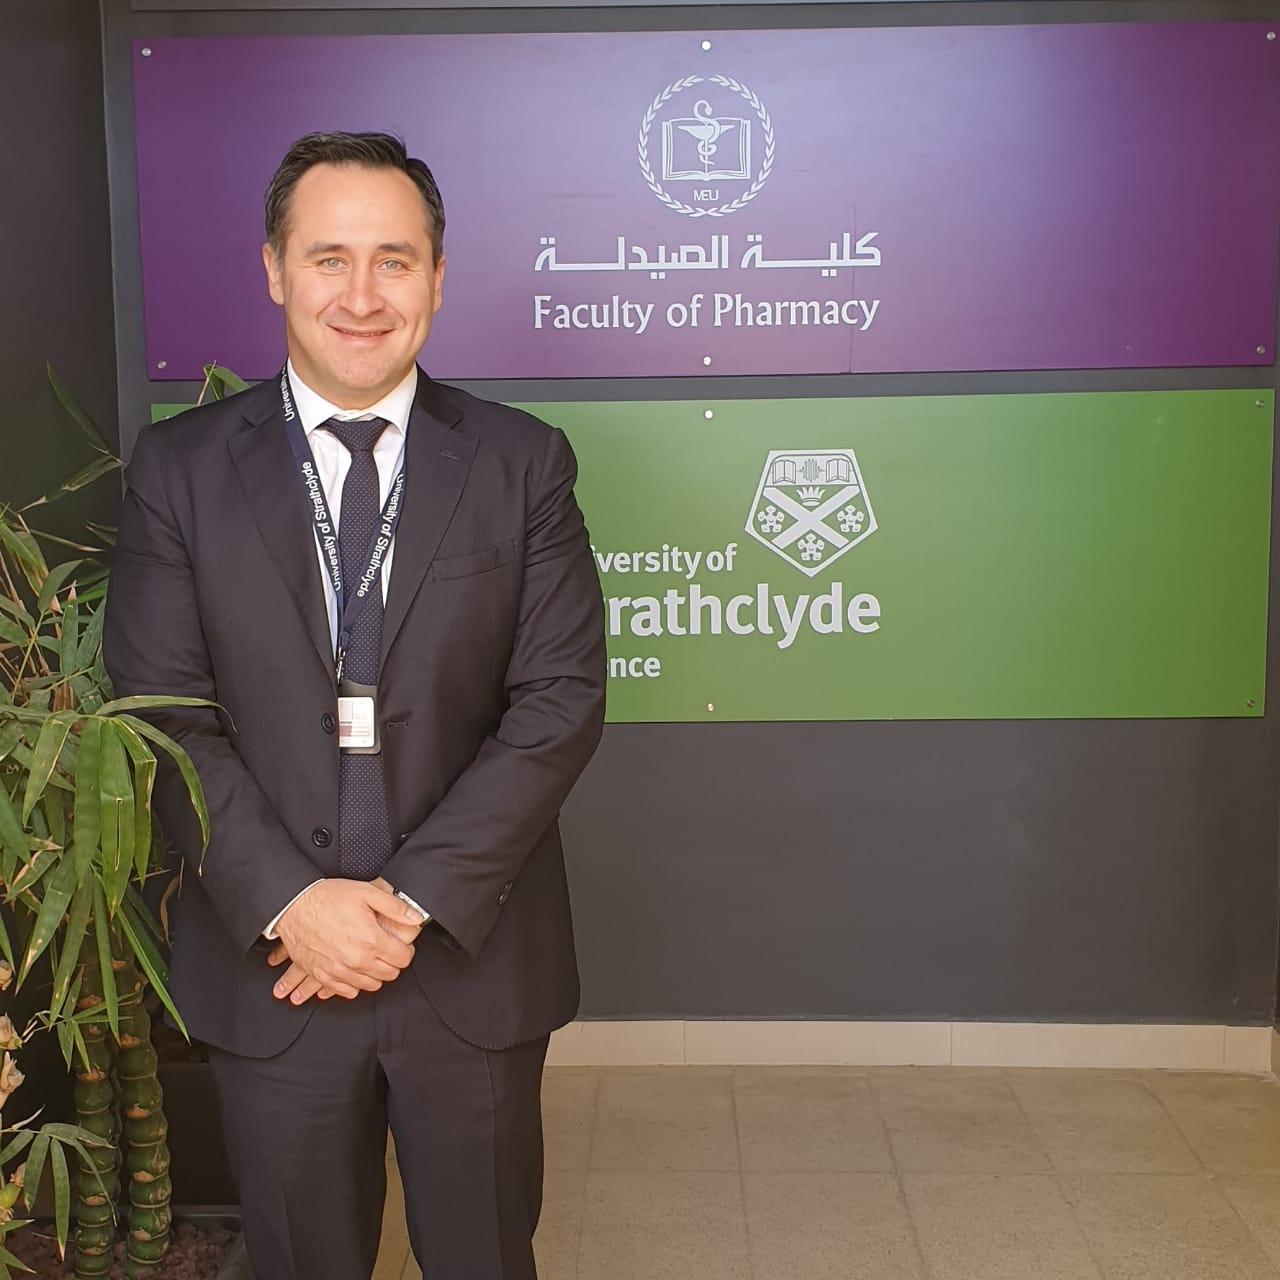 """اختيار عميد صيدلة """"الشرق الأوسط"""" كمحرر مشارك لمجلة Pharmacy Education العالمية"""